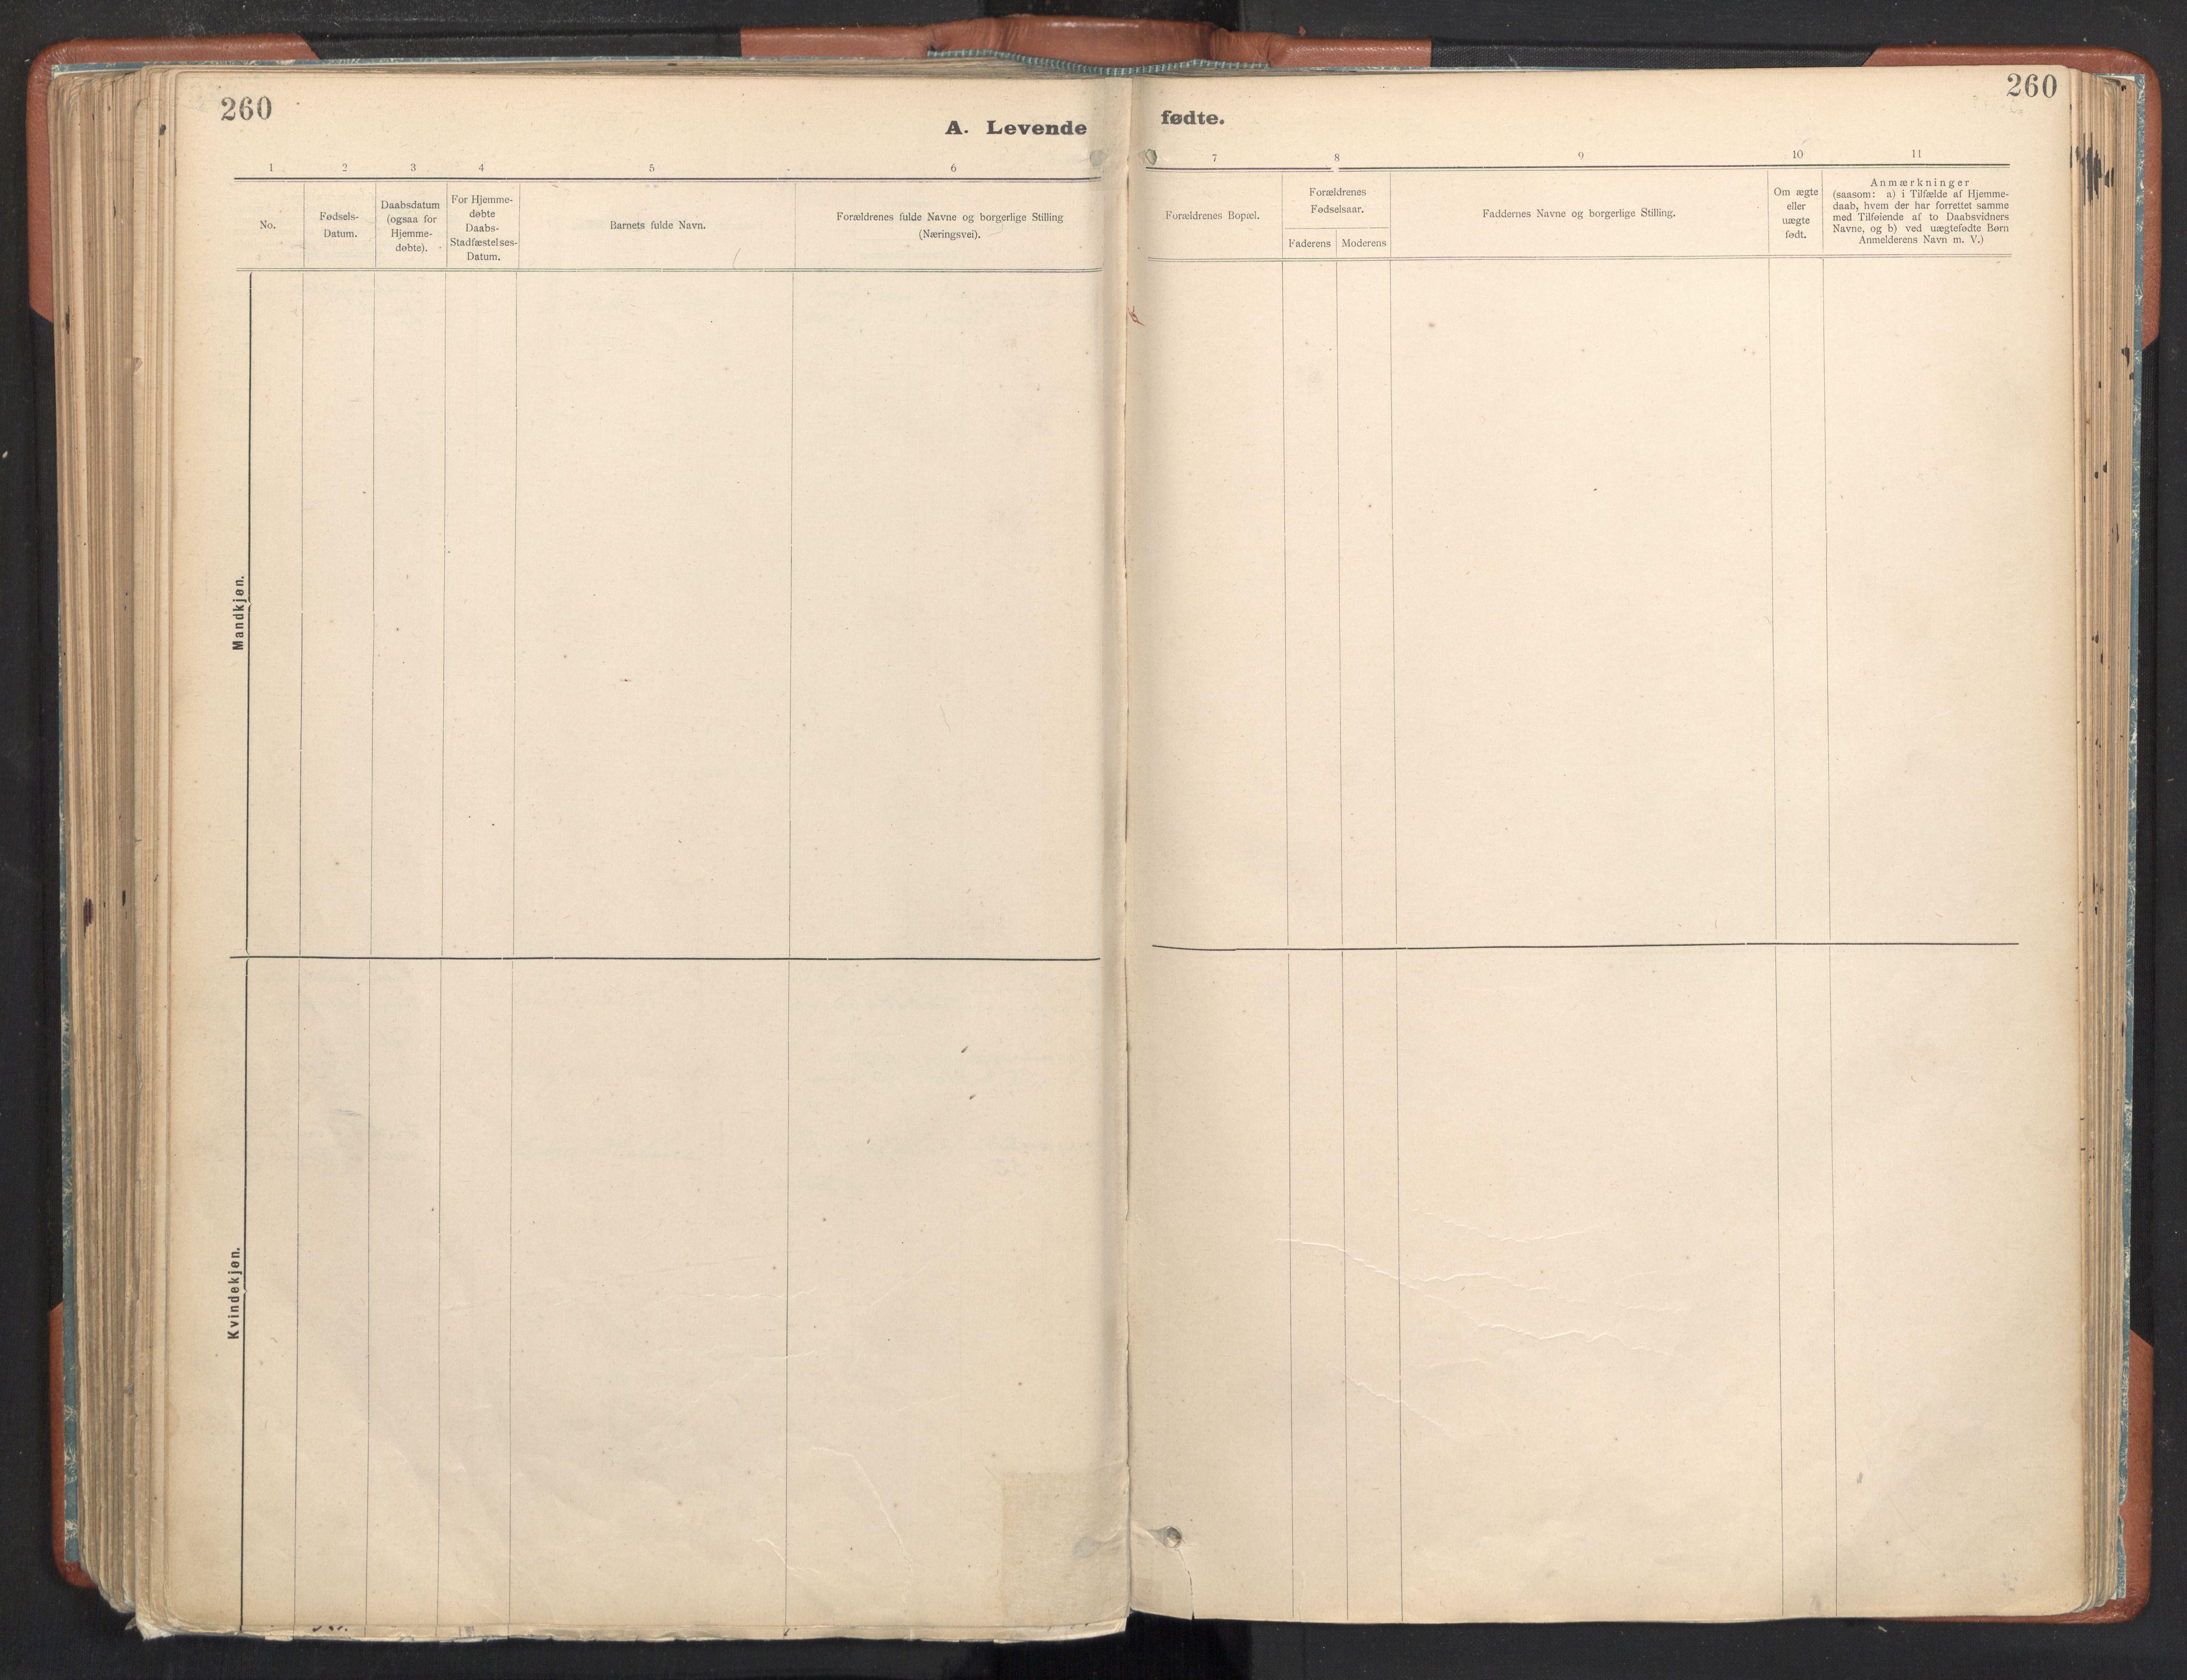 SAT, Ministerialprotokoller, klokkerbøker og fødselsregistre - Sør-Trøndelag, 605/L0243: Ministerialbok nr. 605A05, 1908-1923, s. 260